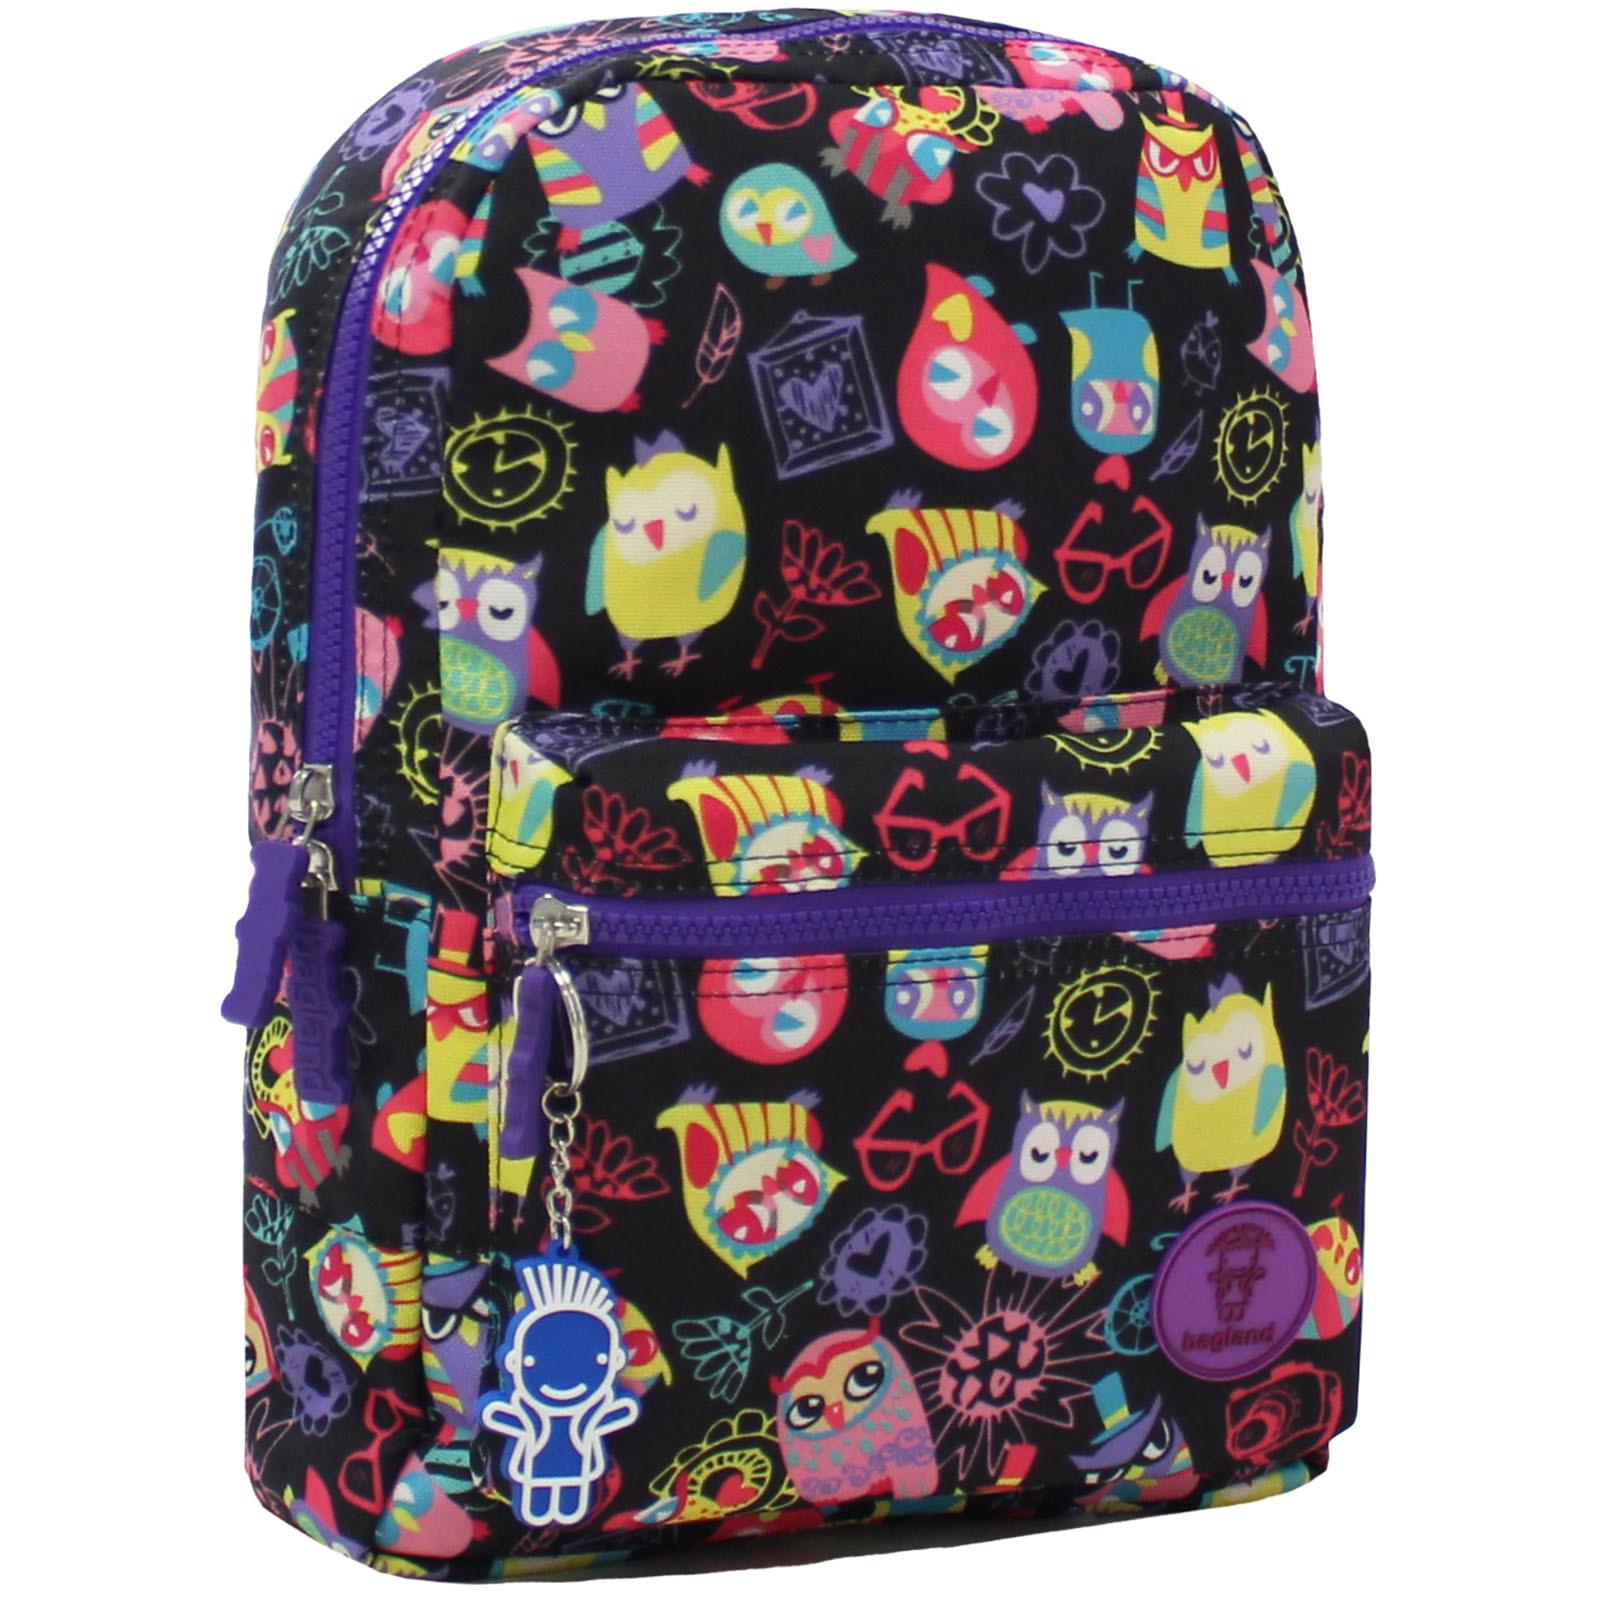 Детские рюкзаки Рюкзак Bagland Молодежный mini 8 л. сублимация (45) (00508664) IMG_6237.JPG